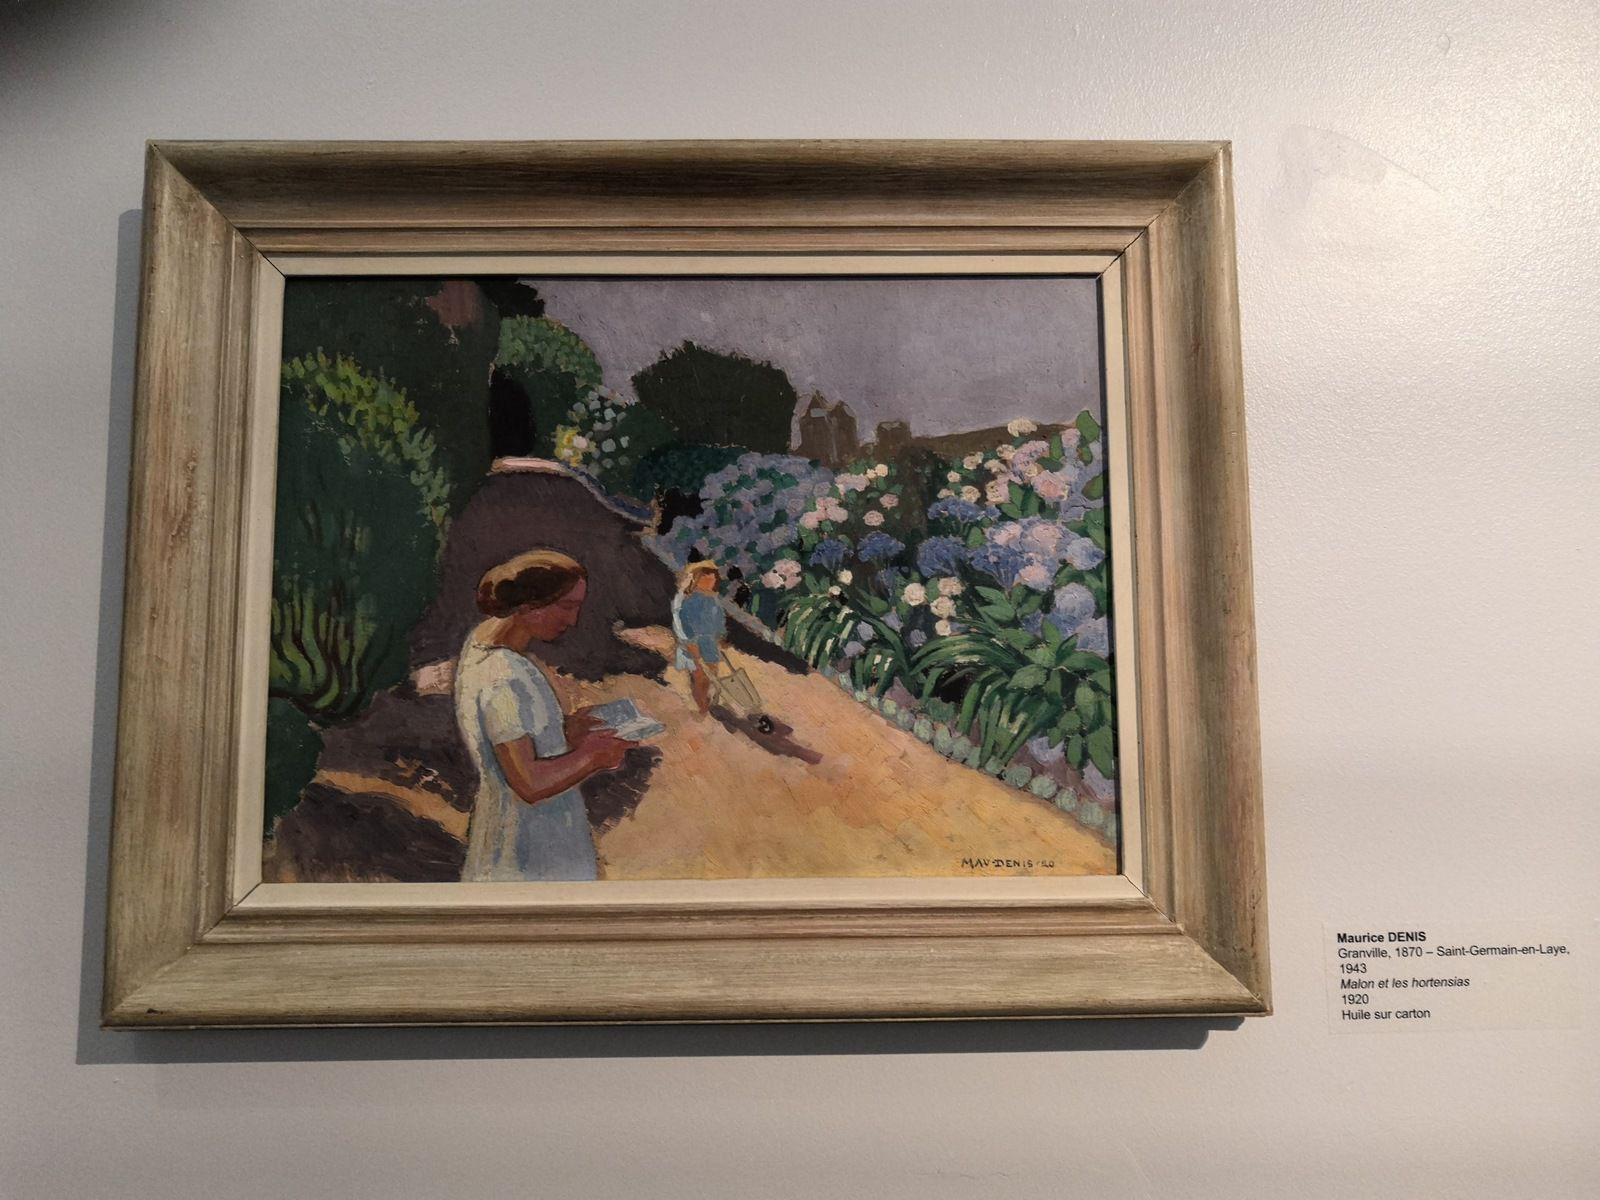 Maurice Denis, Malon et les hortensias, 1920, Huile sur carton